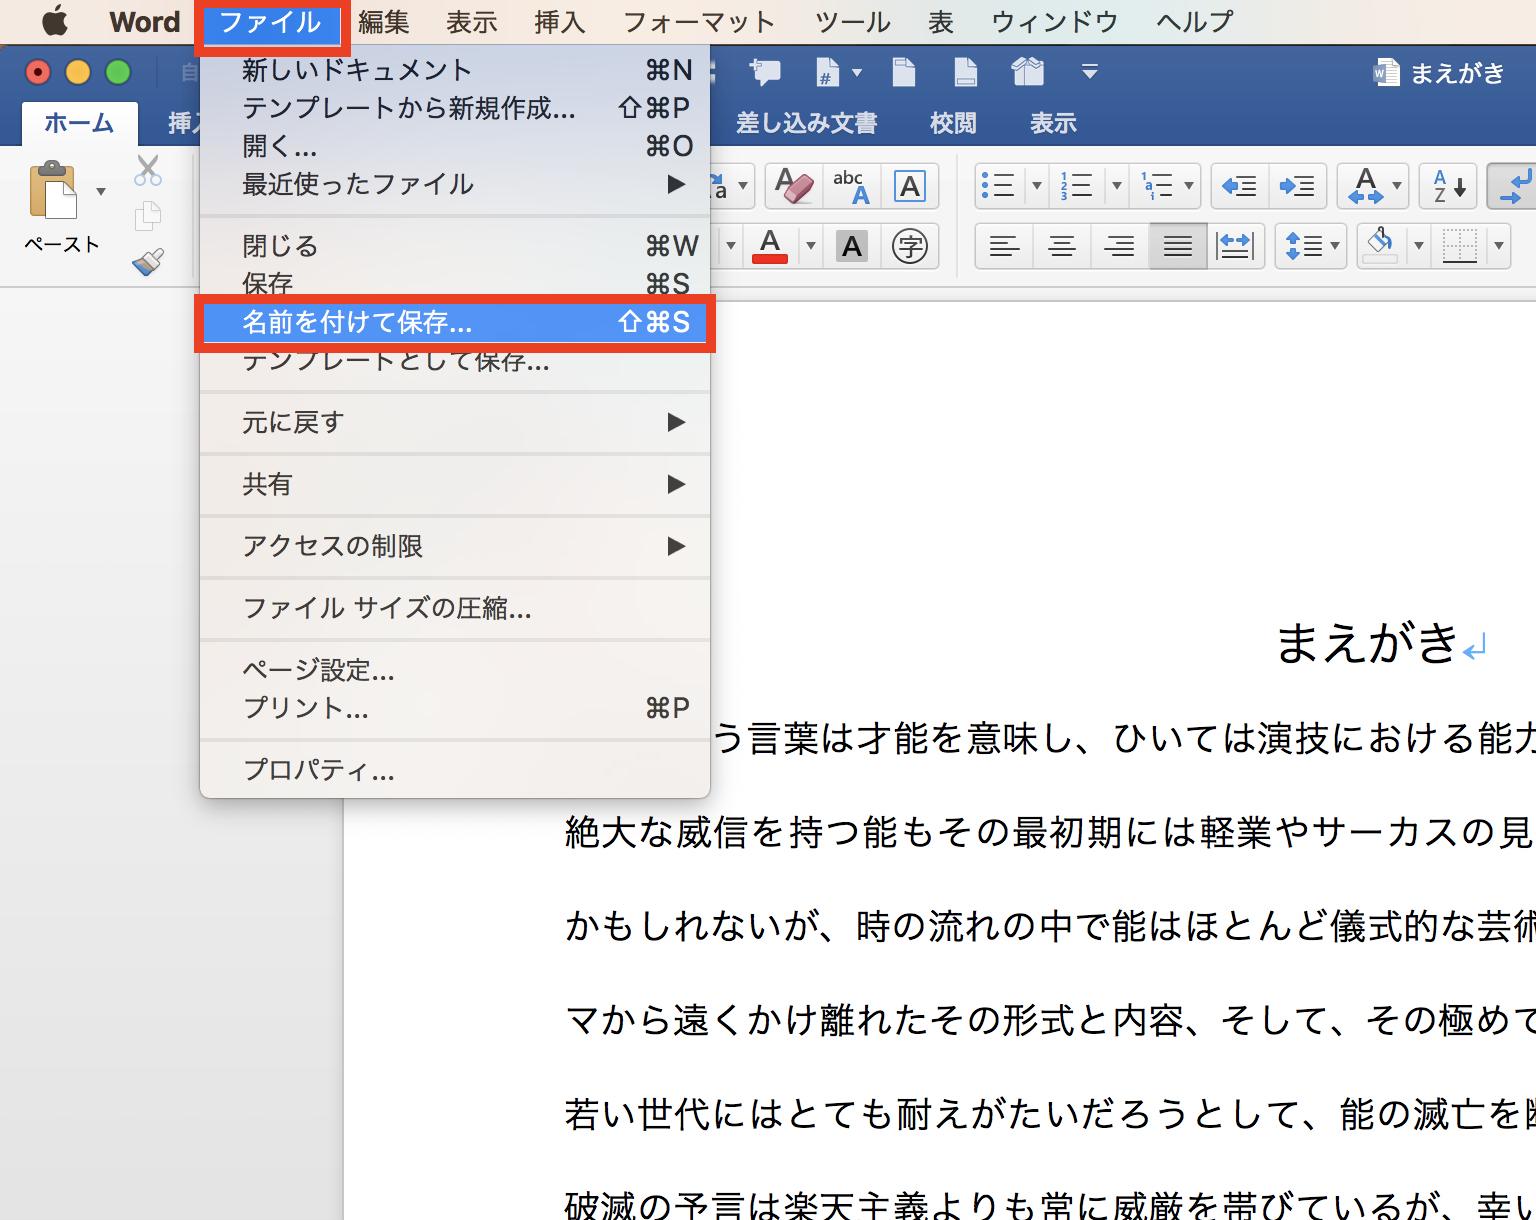 パワーポイント pdf 変換 ずれる